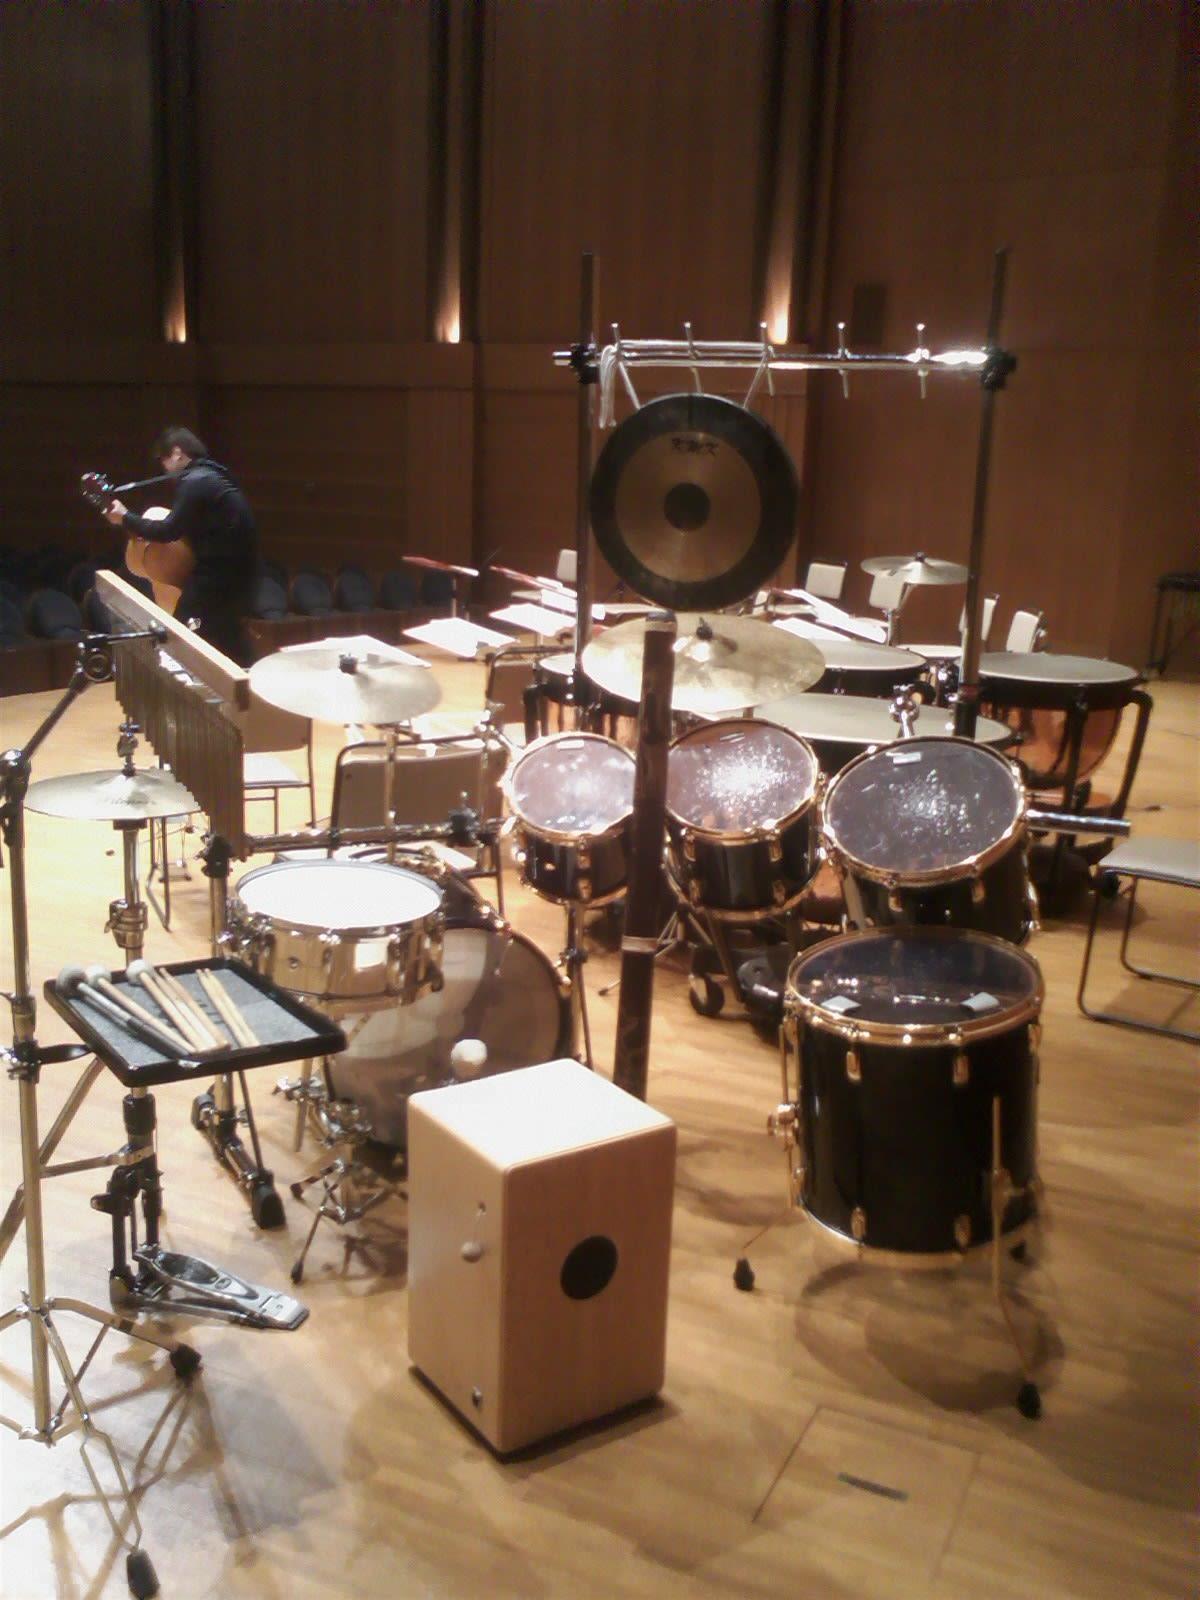 09'のNE(新堀ギターアンサンブル)公演でのパーカッションセッティングです! - 萩原広充 / Drums & Percussion